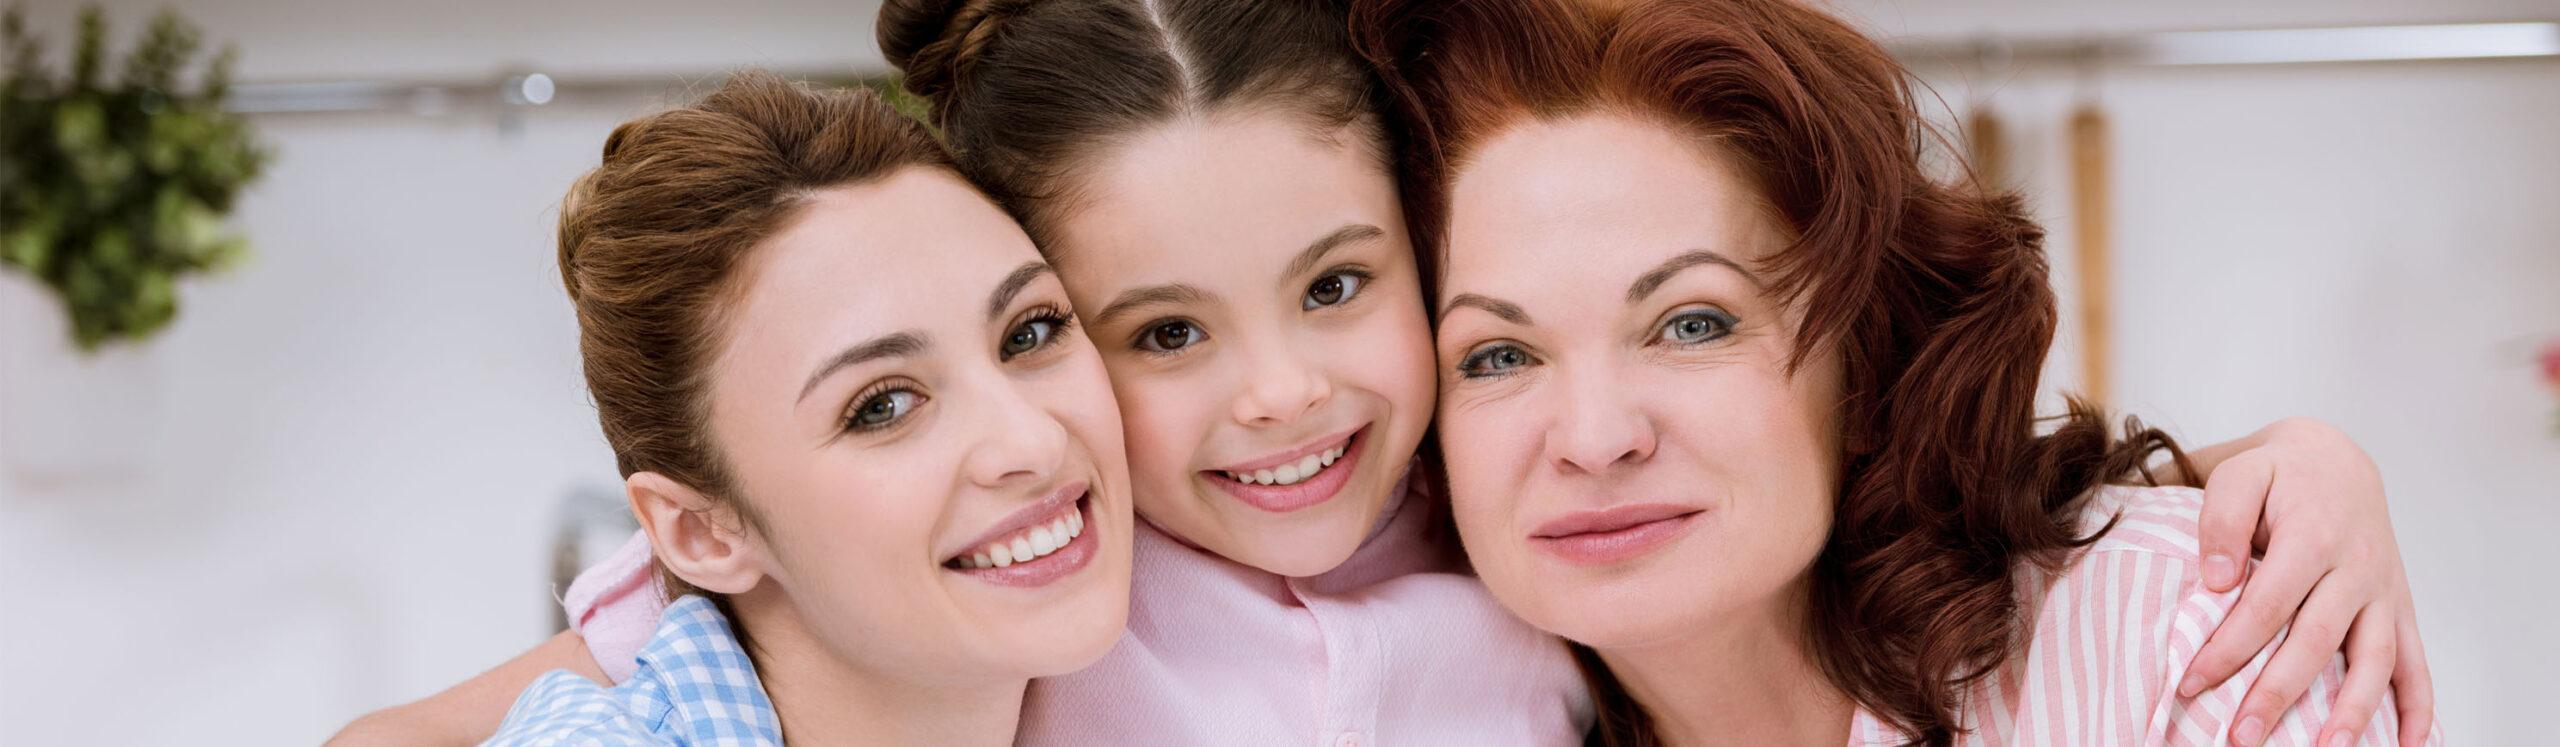 Webinars for Favorable Parent-Child Relationships